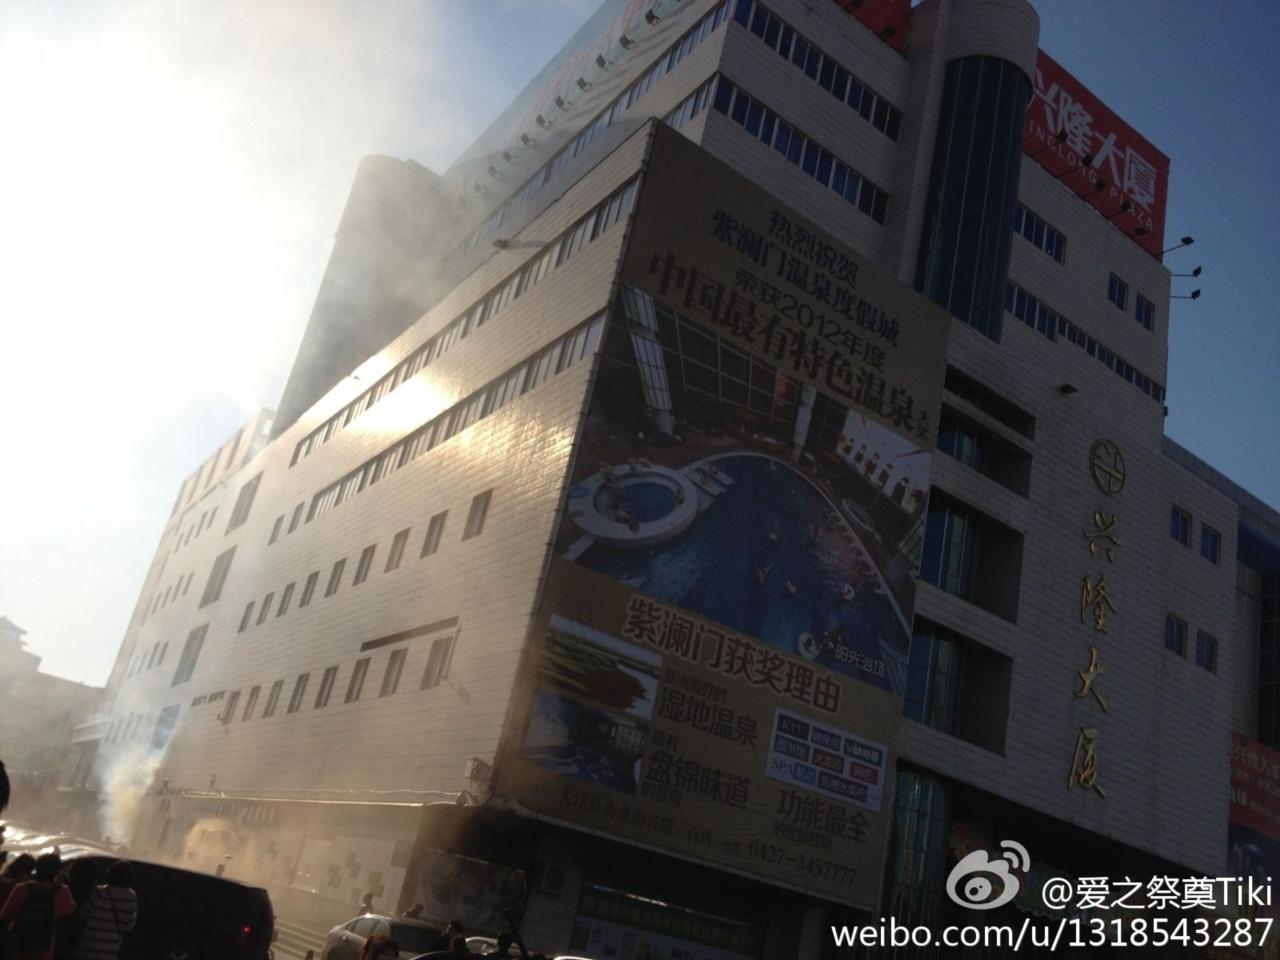 [讨论]盘锦兴隆大厦2013年4月6日下午发生一起火灾